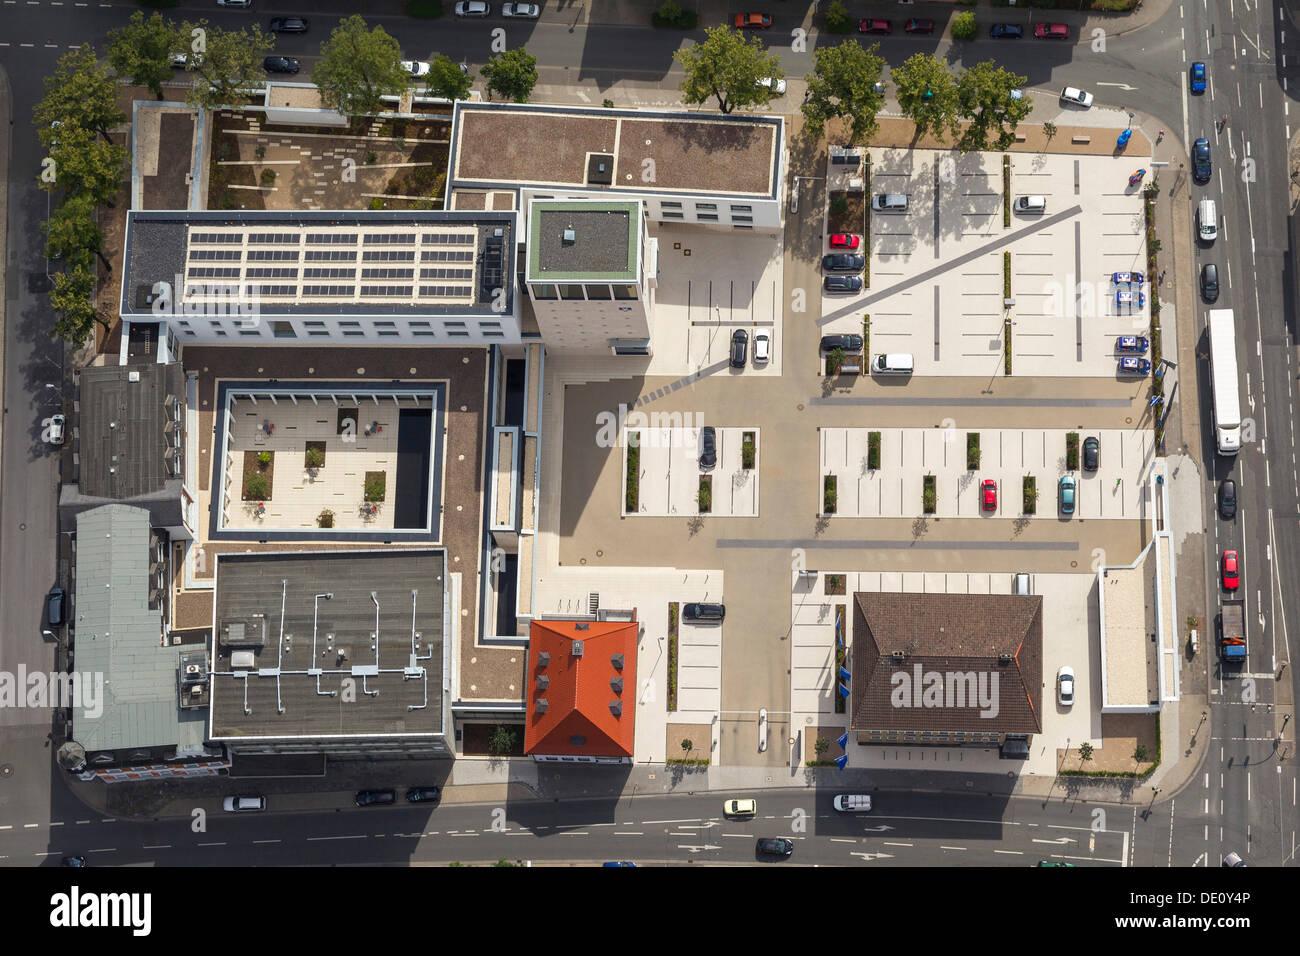 Aerial view, members' oasis of Volksbank Hamm, neu building in Bismarckstrasse street, Hamm, Ruhr Area, North Rhine-Westphalia - Stock Image